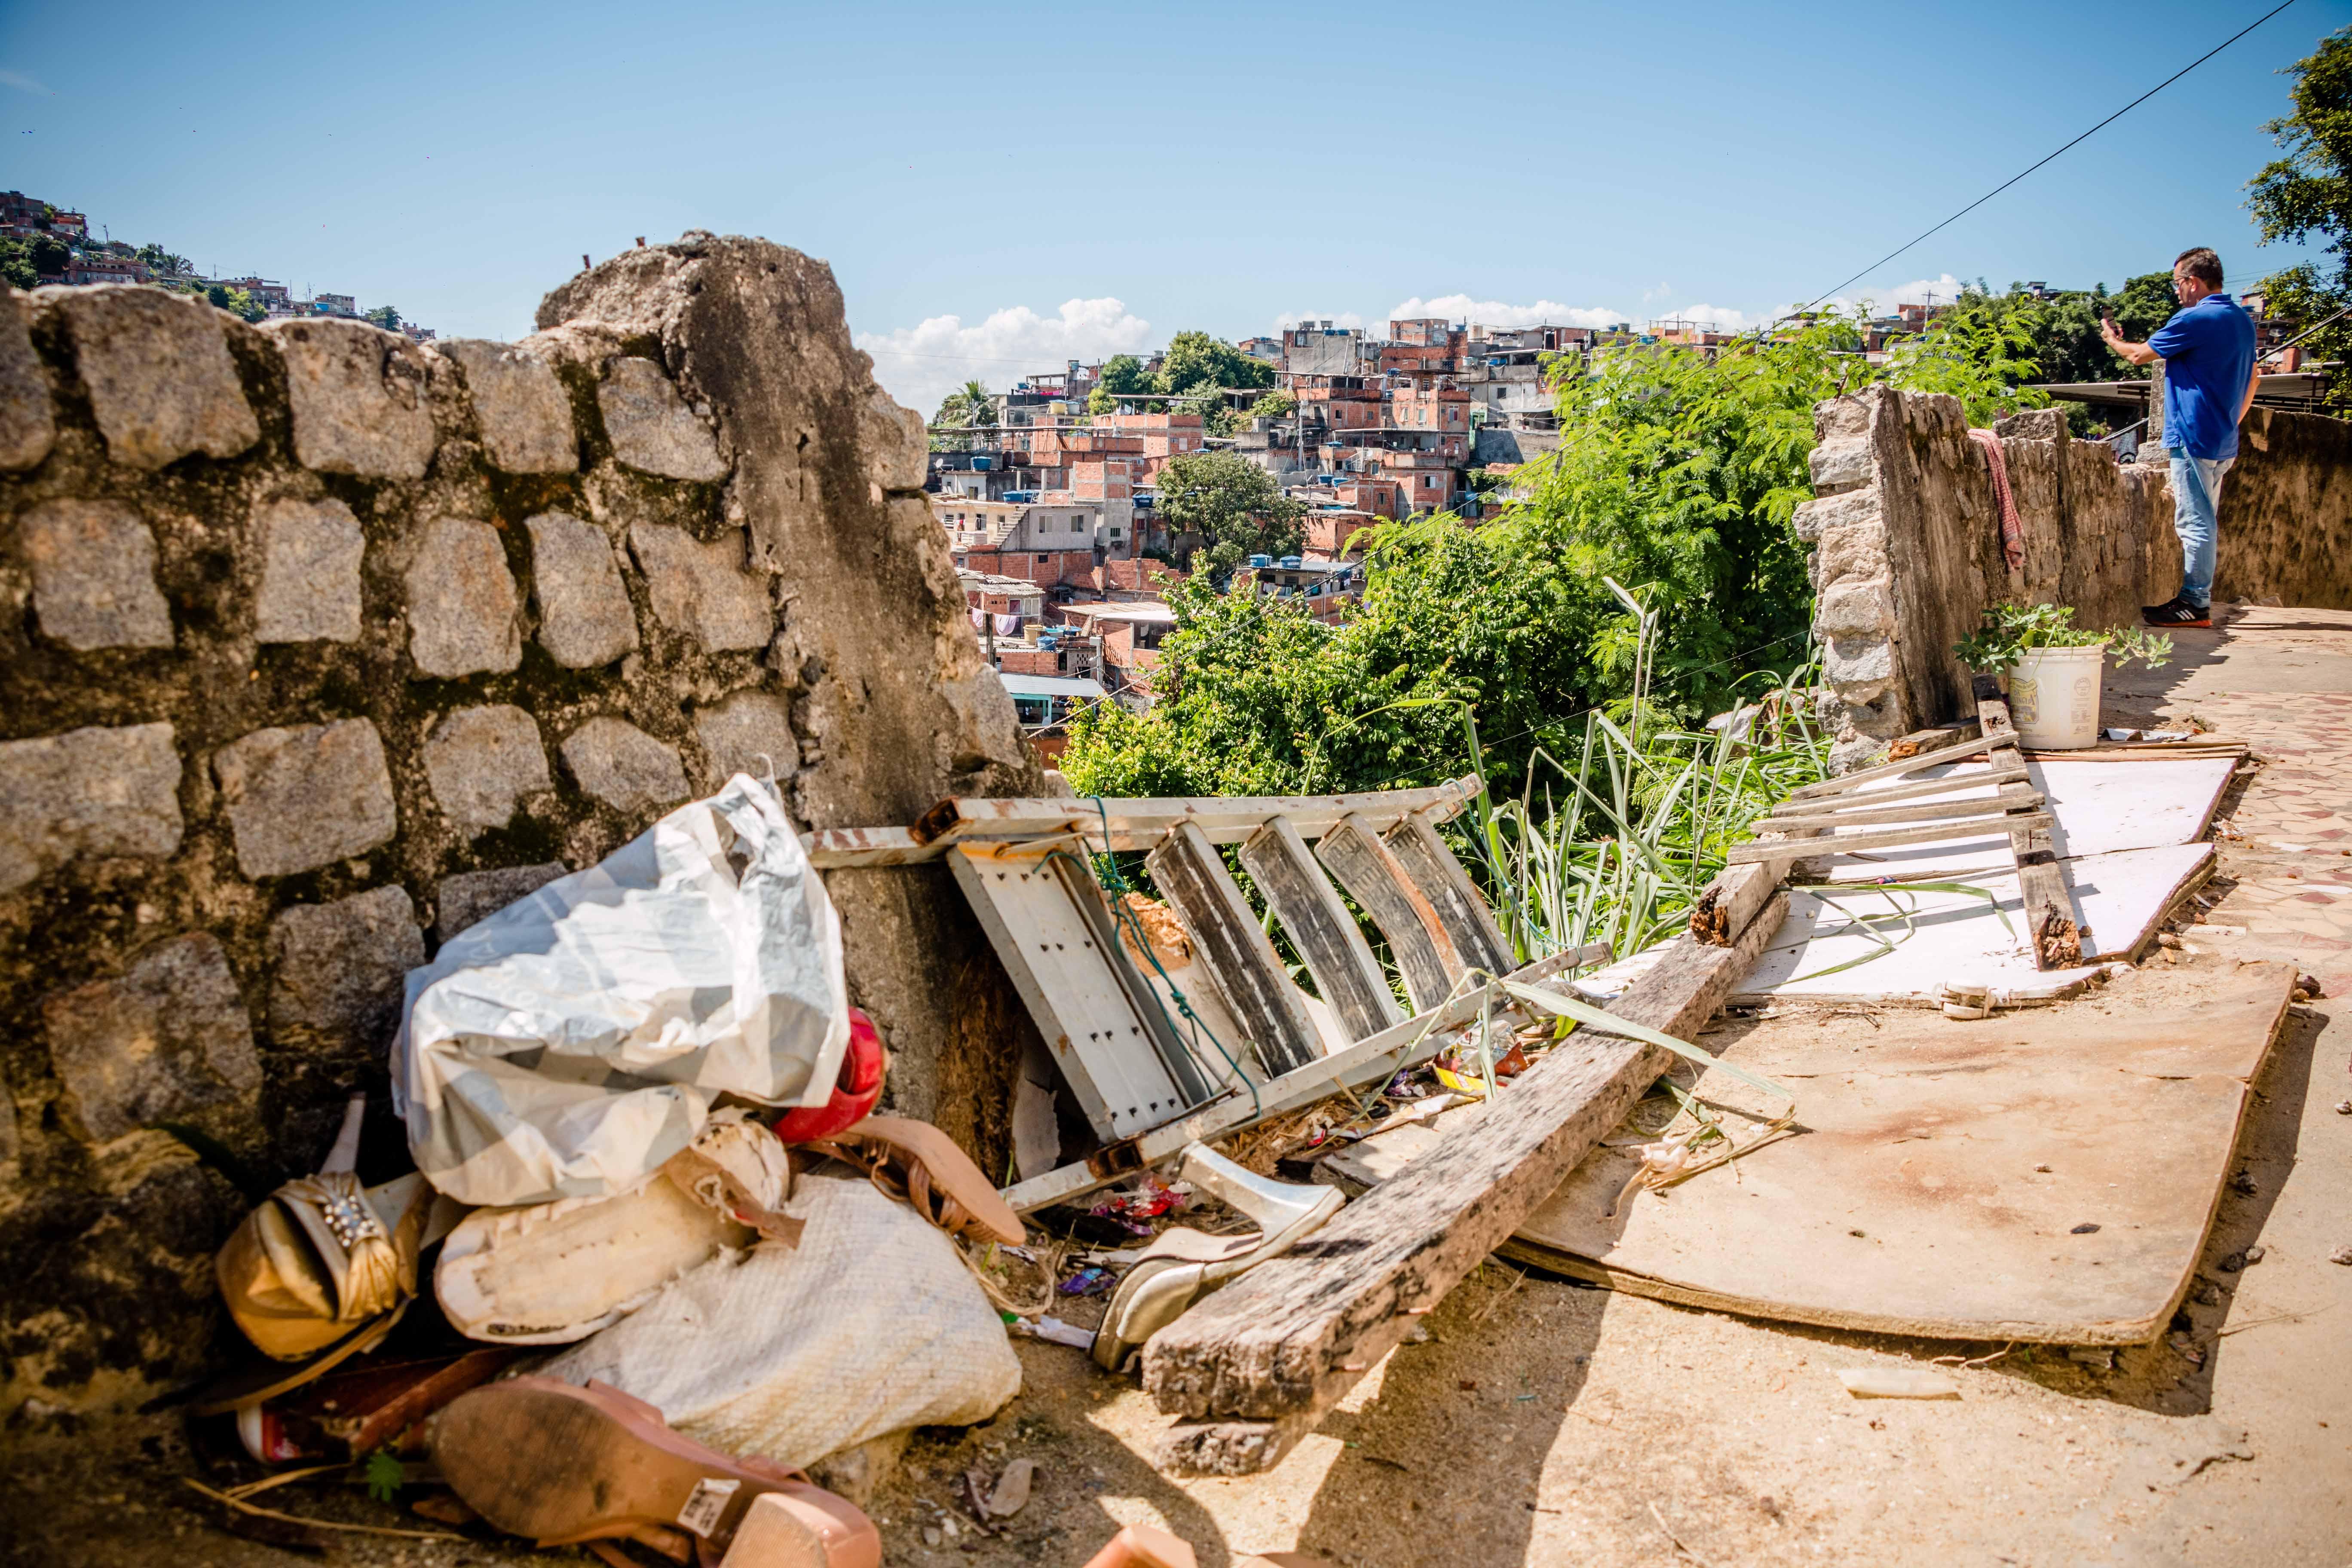 Casas corriam o risco de ceder em encosta na localidade da Grota, no Complexo do Alemão